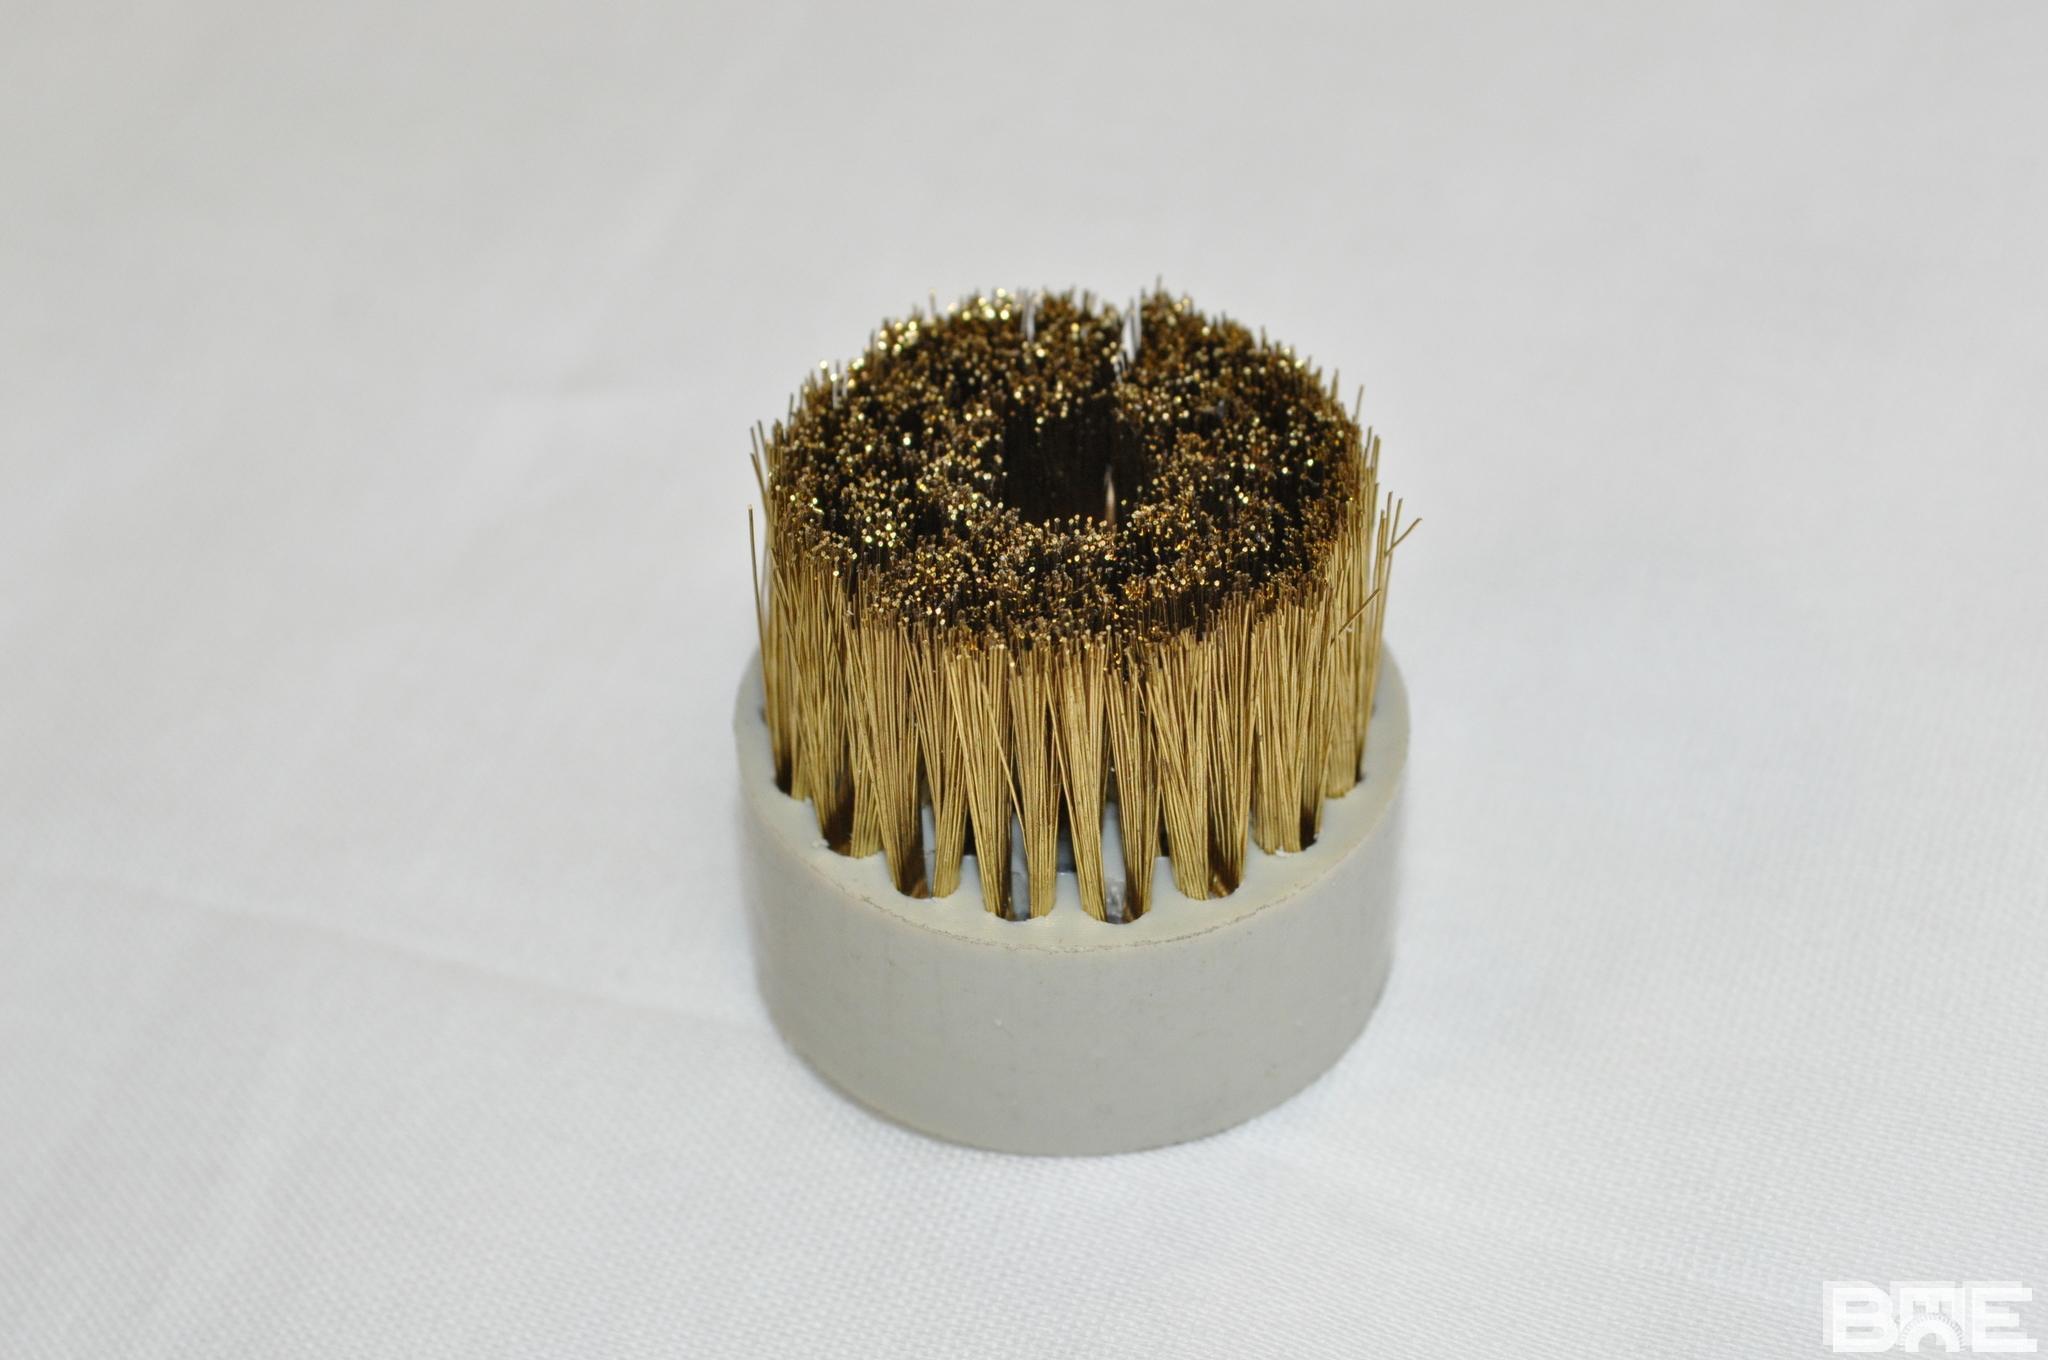 Brosse plateau support polypro et fibres laiton pour ébavurage